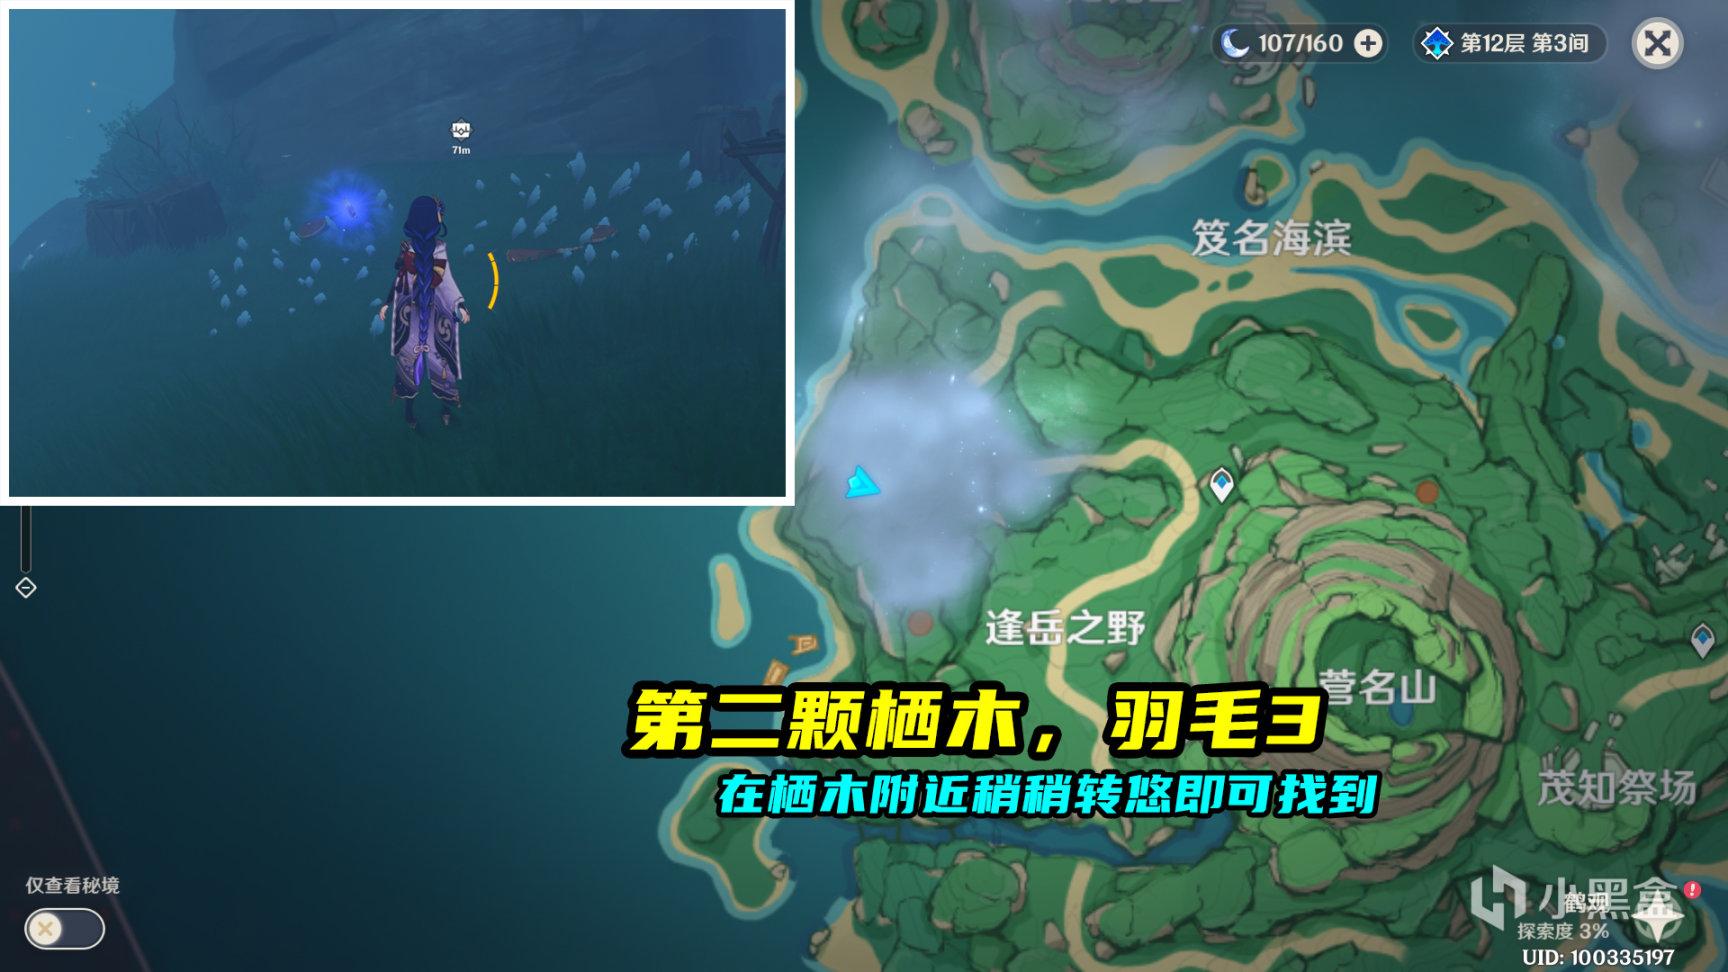 【雾海纪行】最详细的全攻略(多图警告)插图26